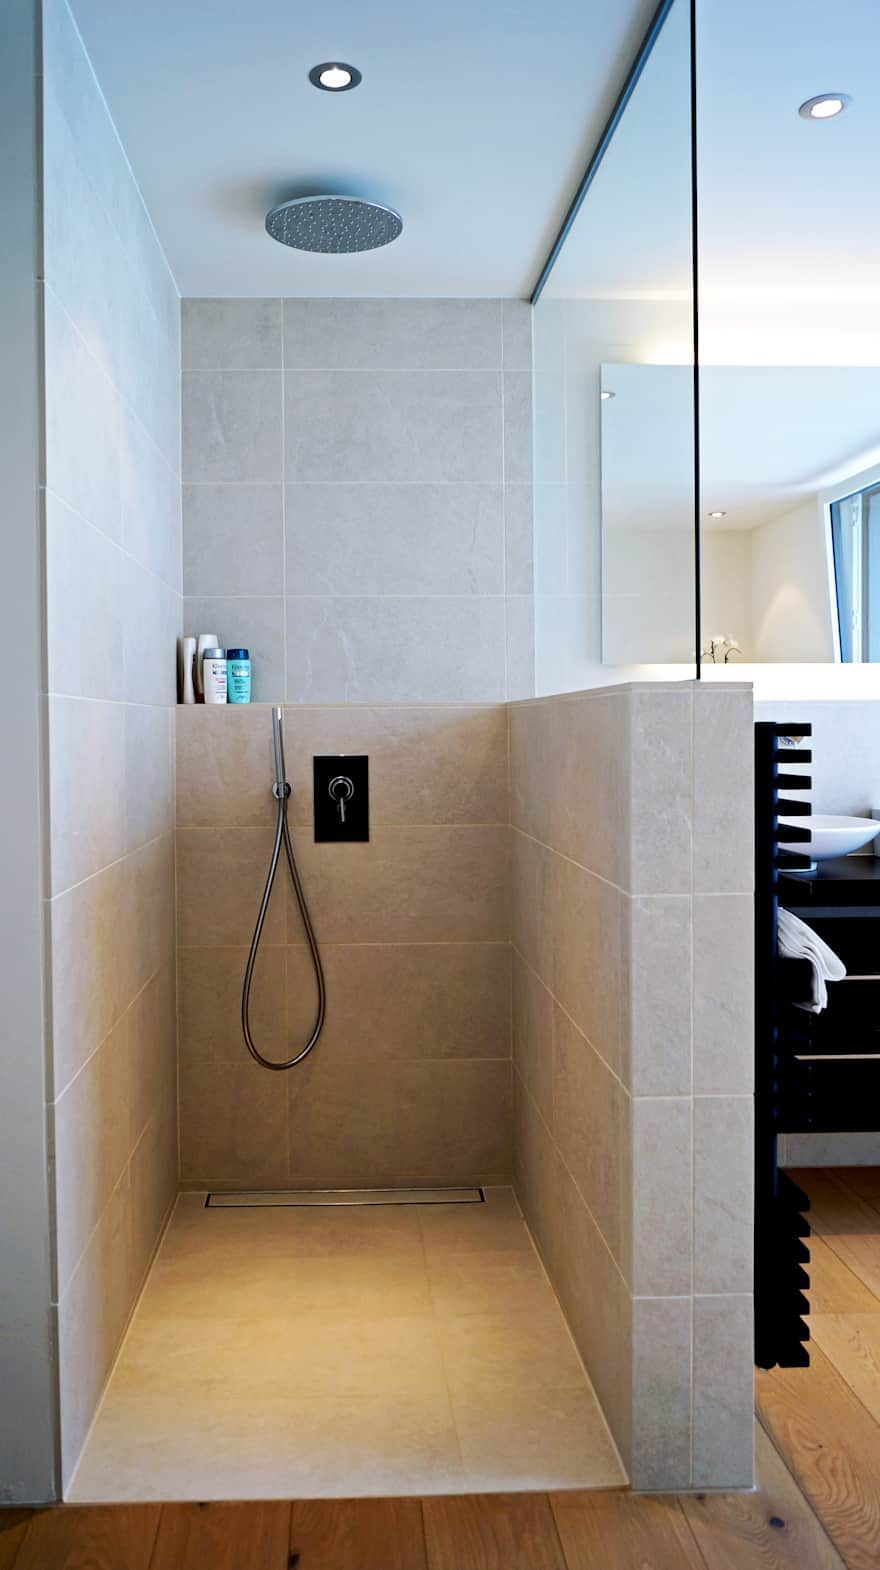 Badezimmer Ideen Design Und Bilder Badezimmer Design Badezimmer Gestalten Modernes Badezimmer